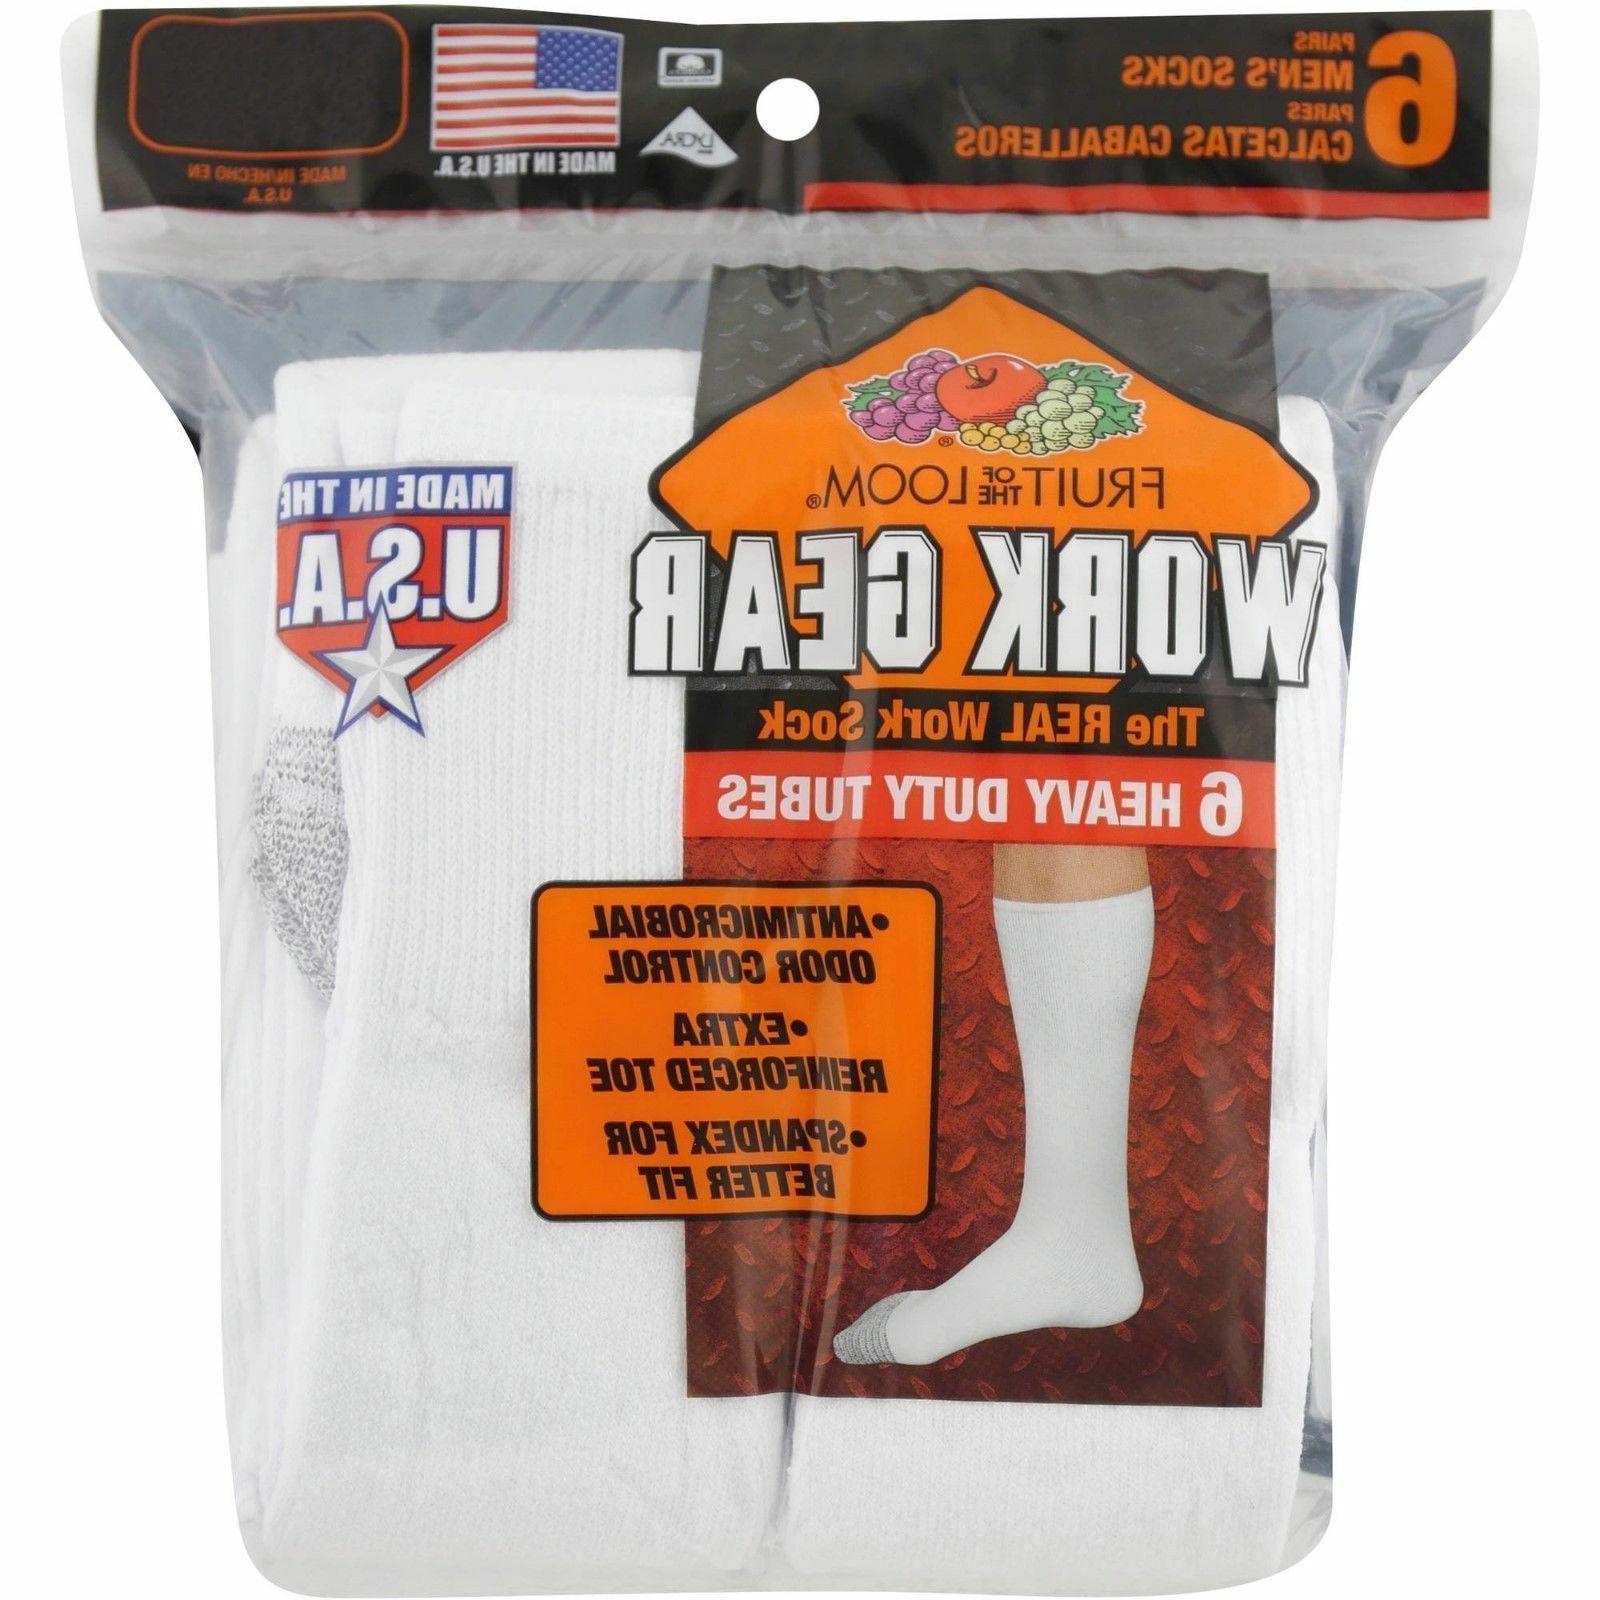 Fruit of the Loom Men's Work Gear Heavy Duty Tube Socks 6 Pa